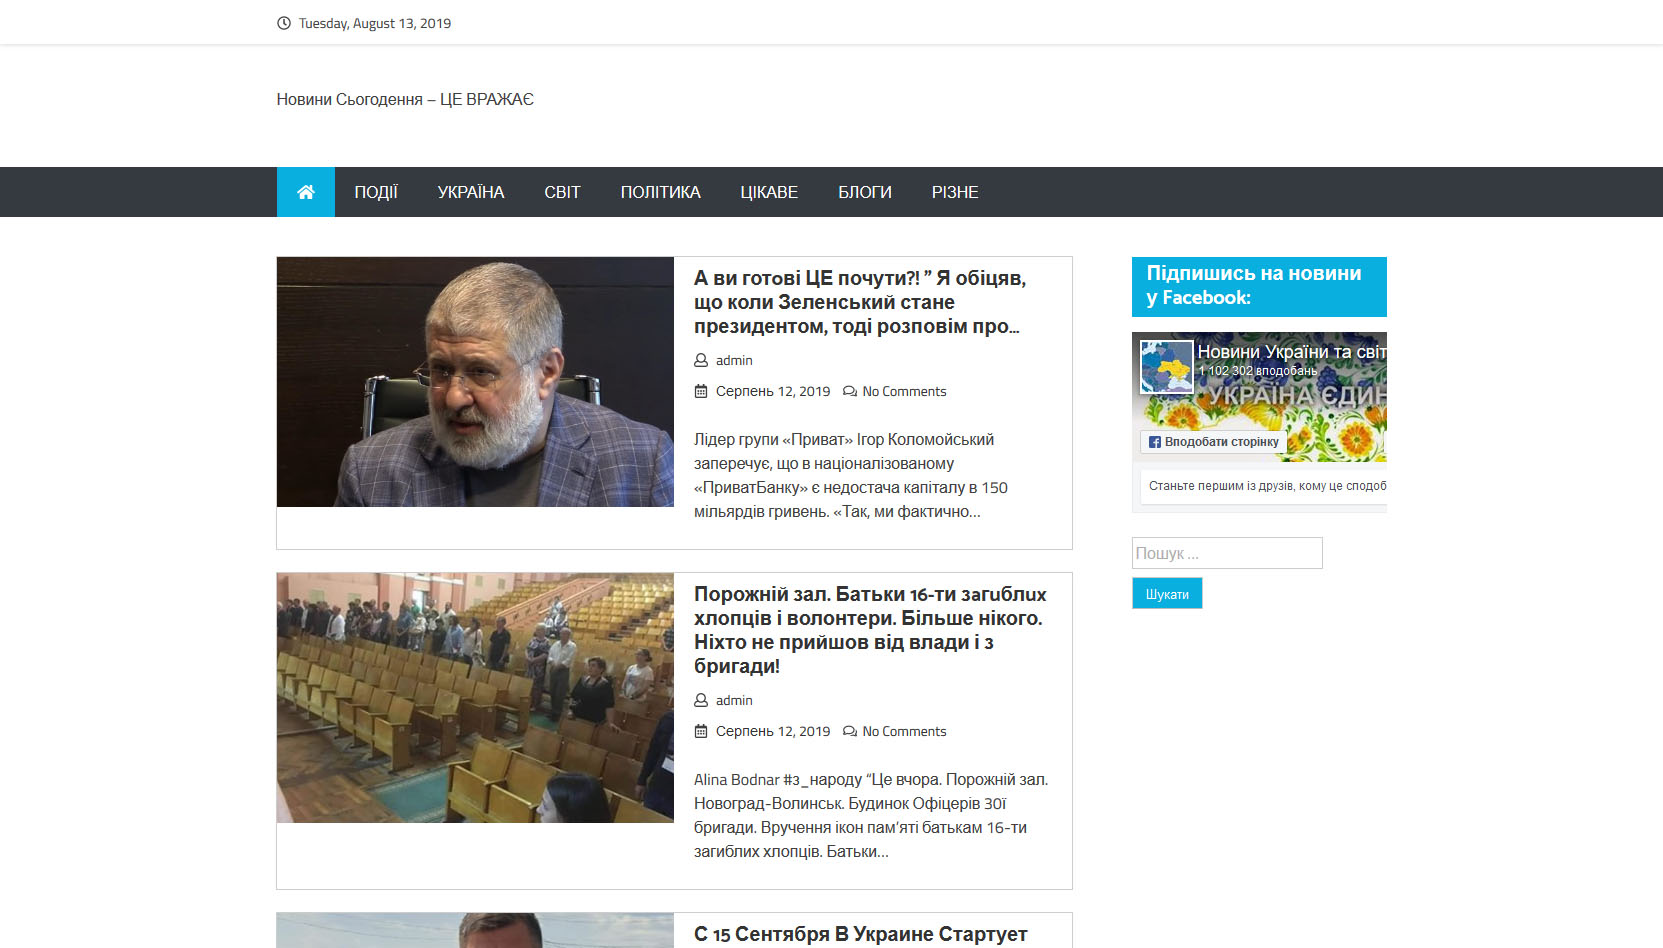 Новини Сьогодення - Інфосмітники України